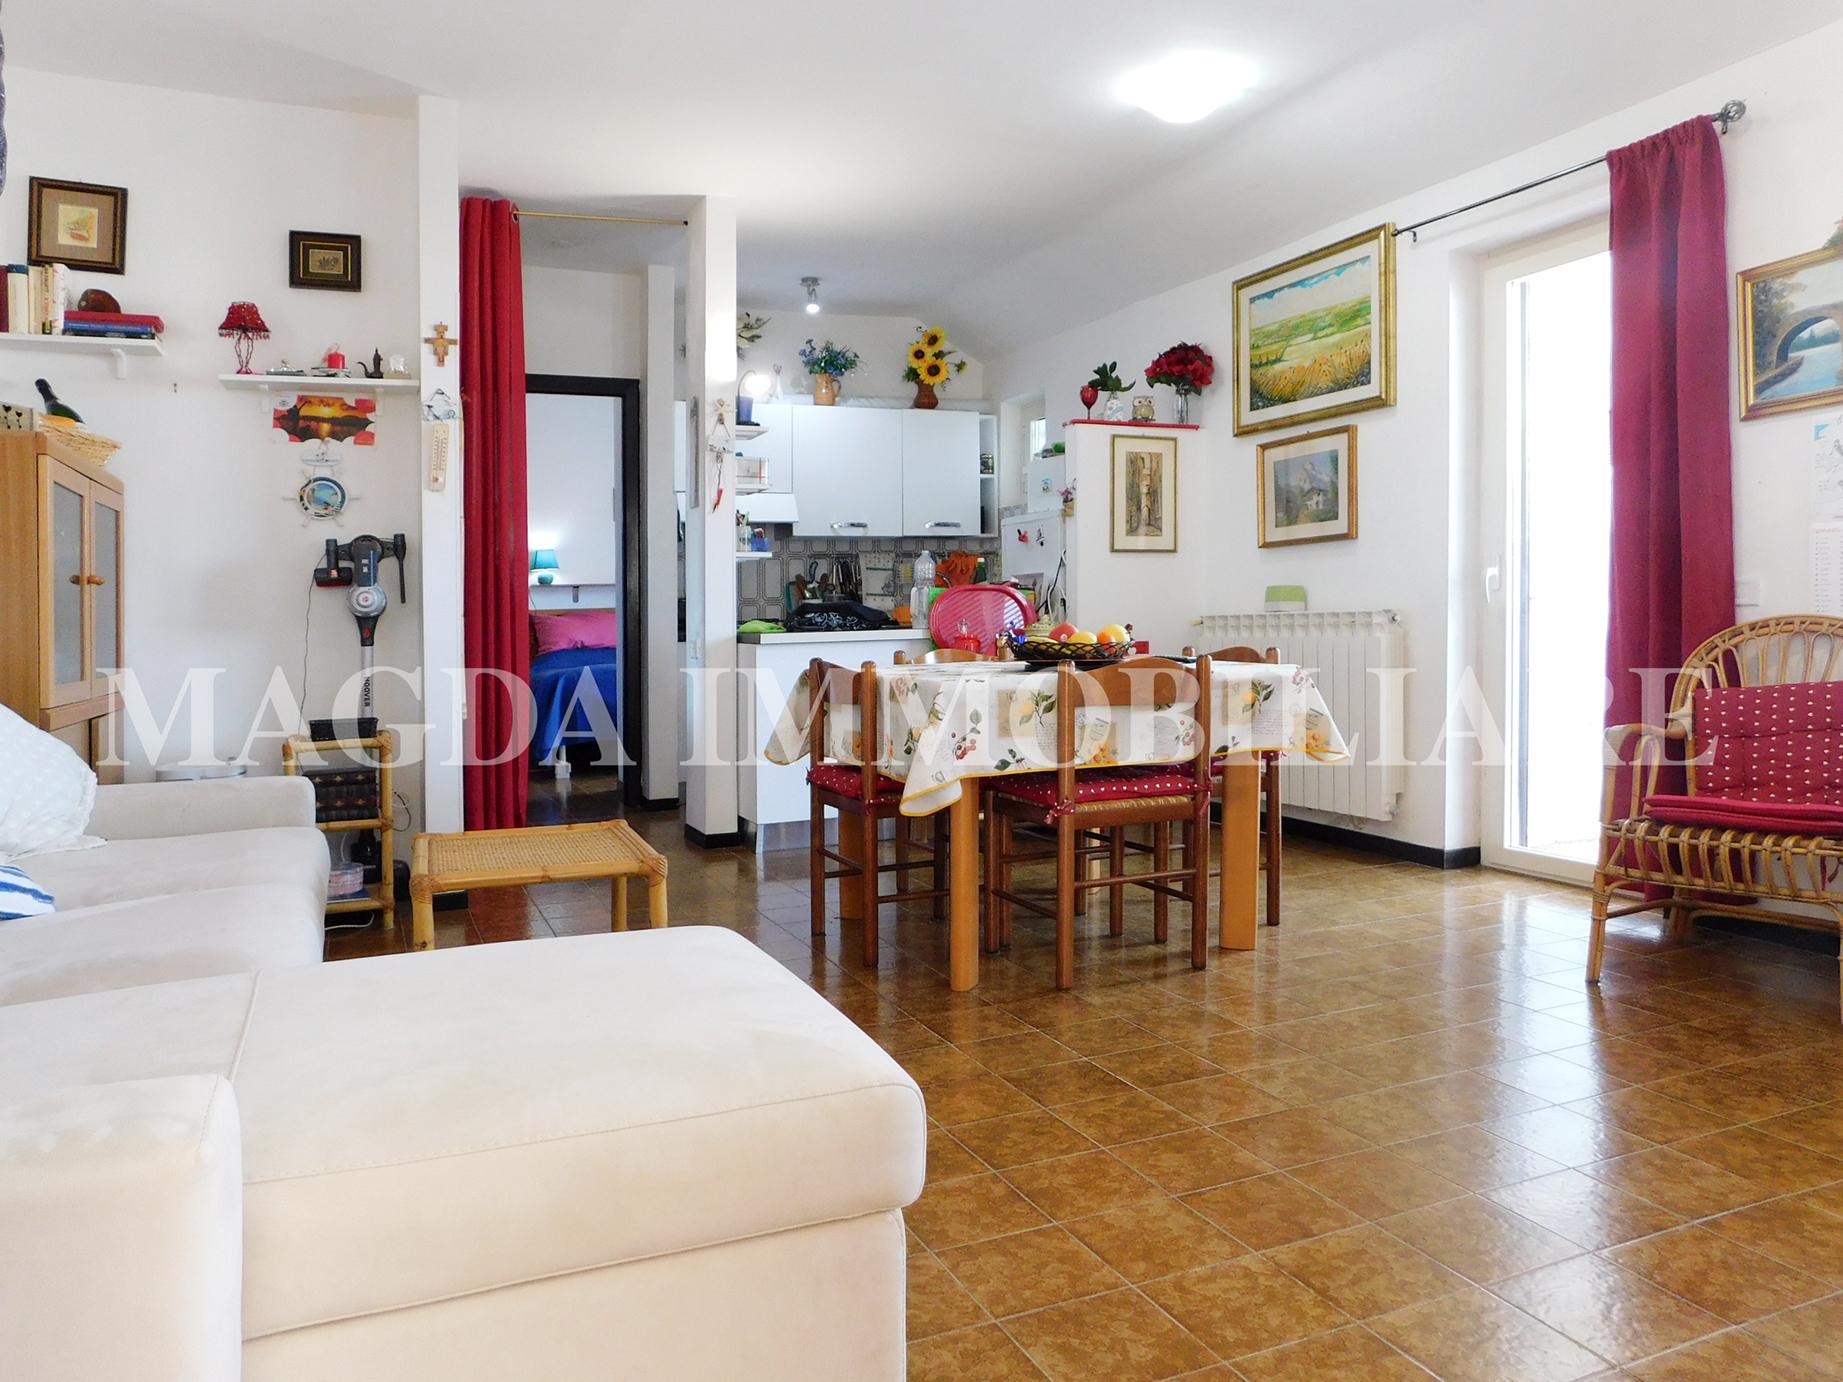 Appartamento Centralissimo Cerenova - Via Veio, 10